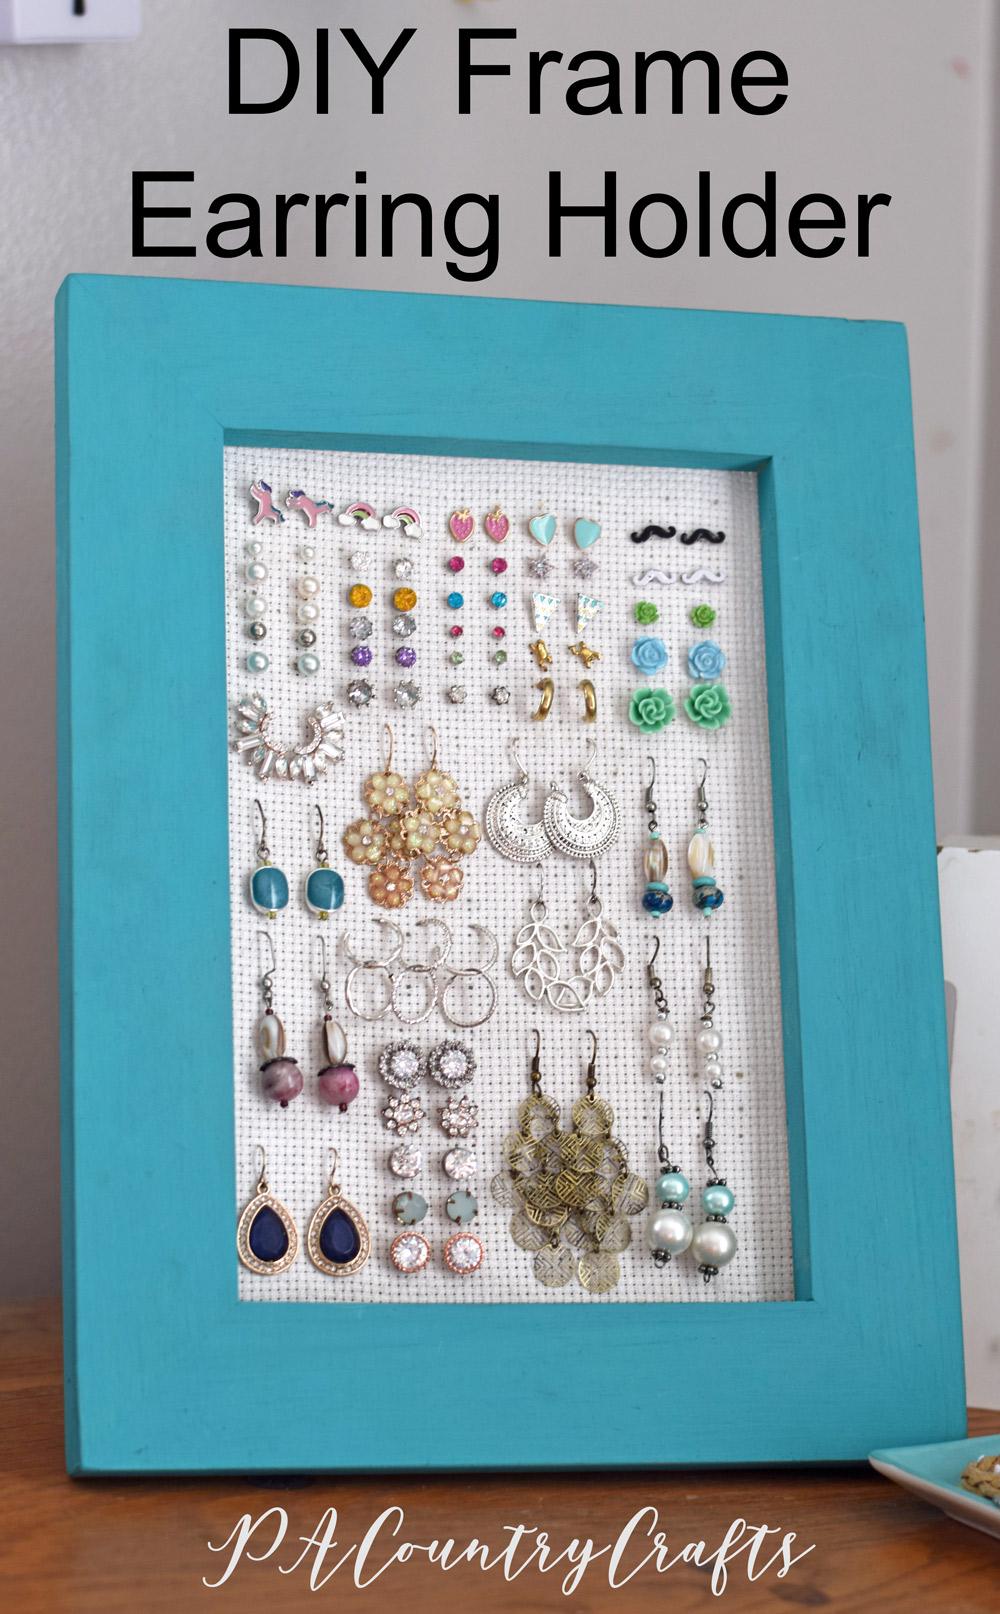 Make an easy frame earring holder that holds post earrings, too!